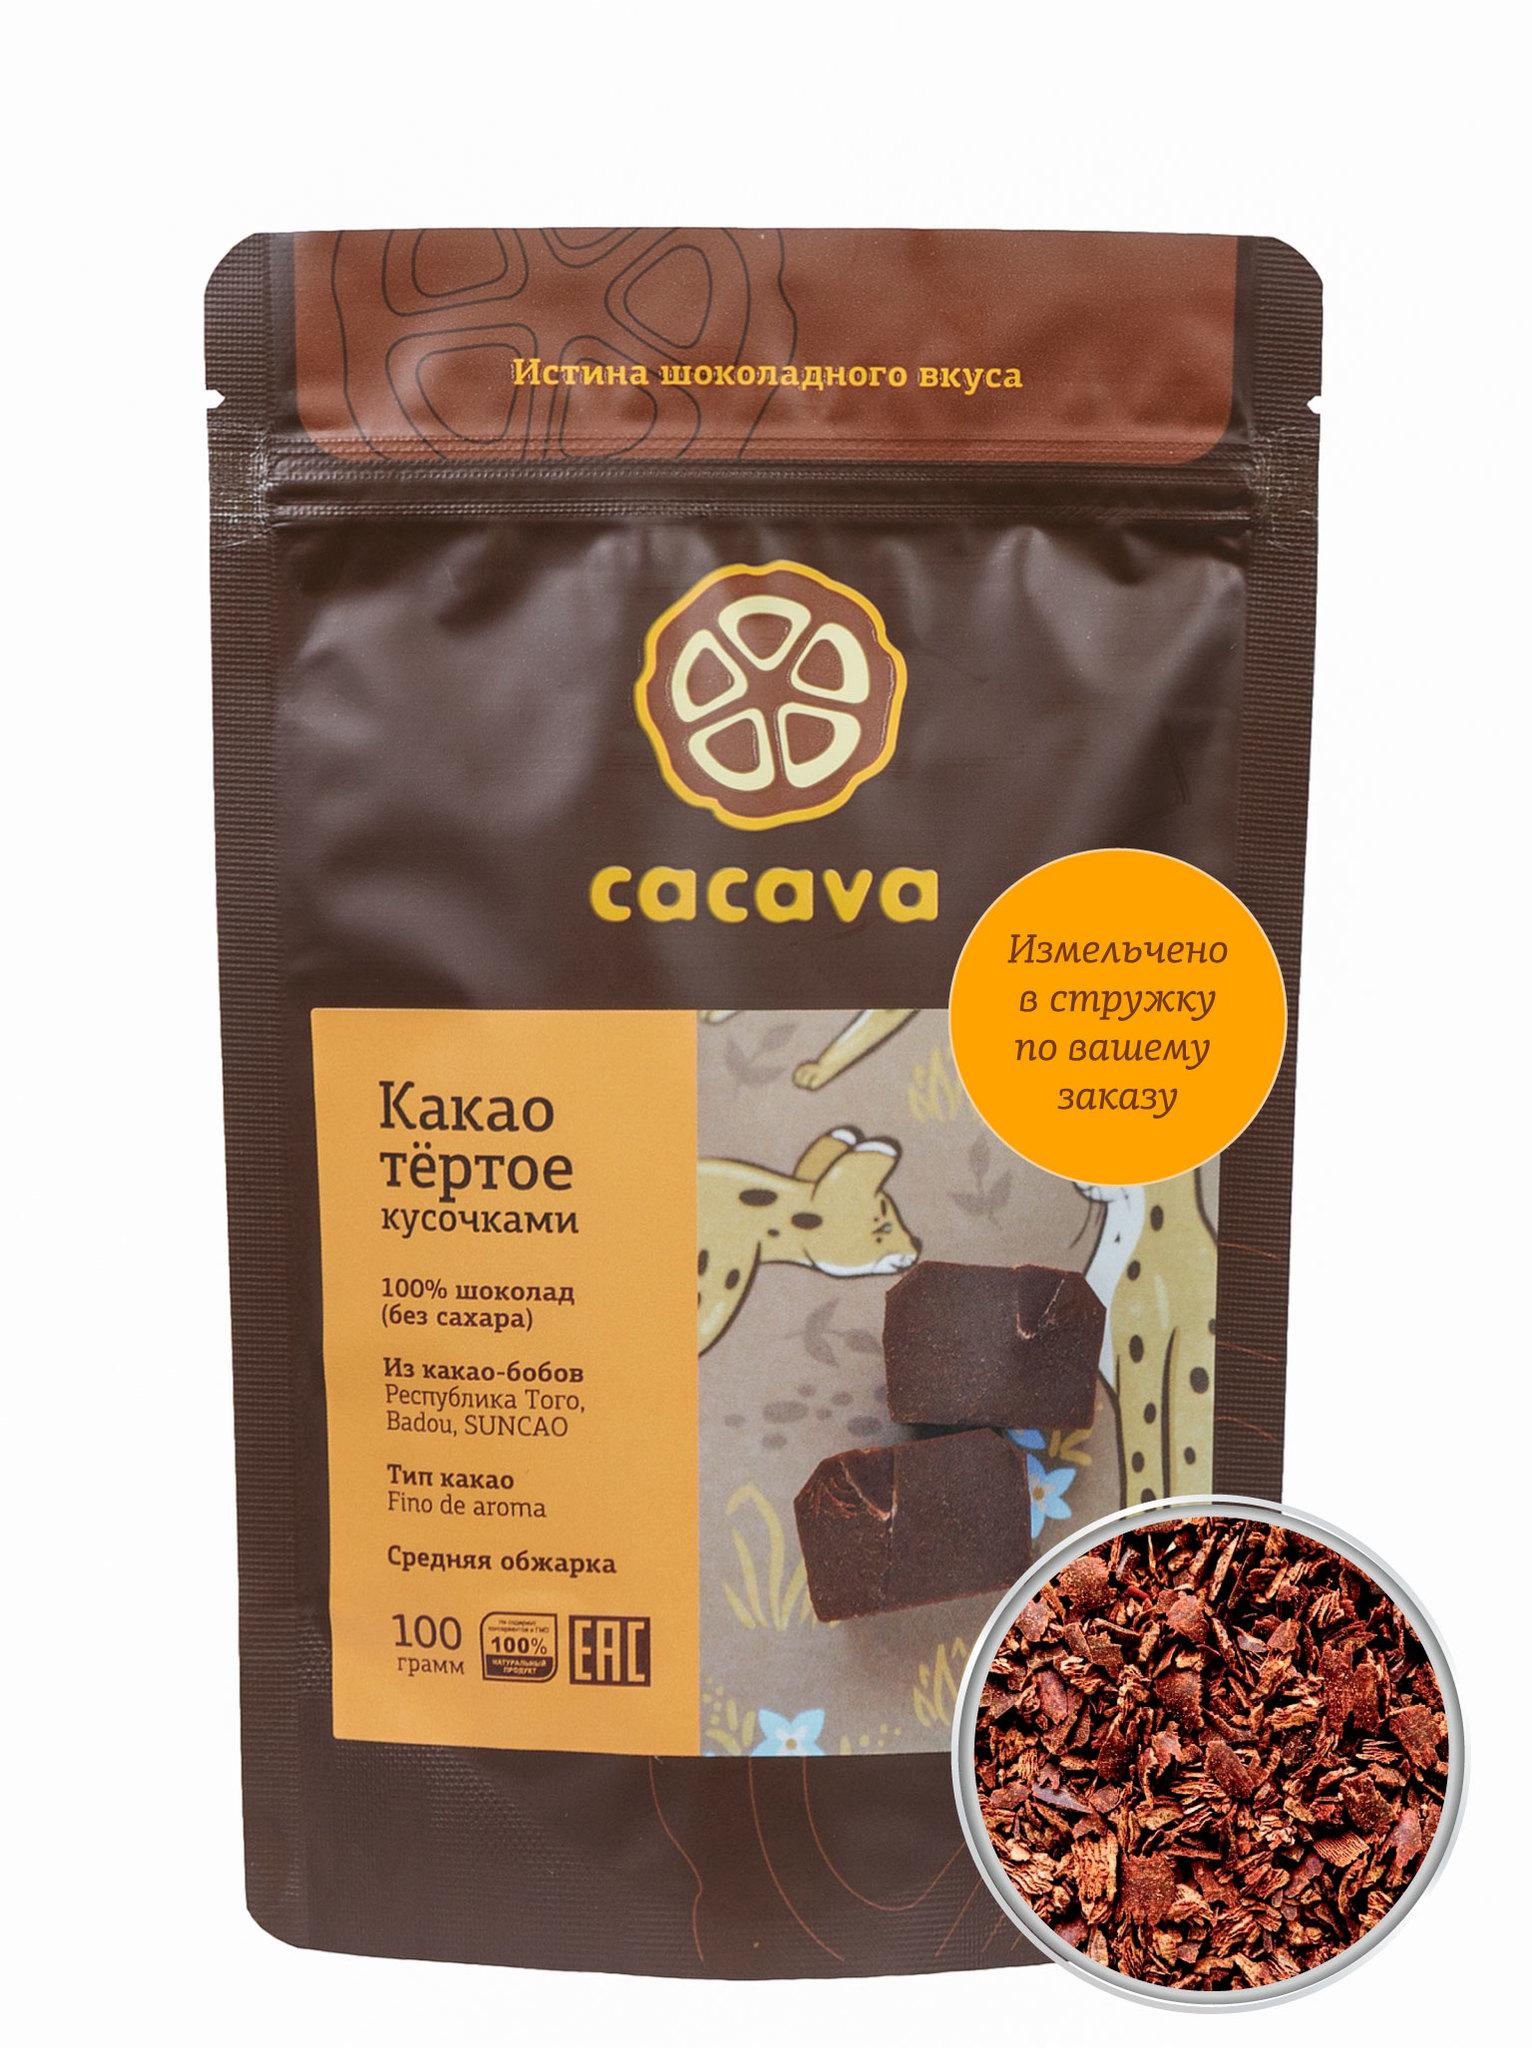 Какао тёртое в стружке (Того, Badou), упаковка 100 грамм